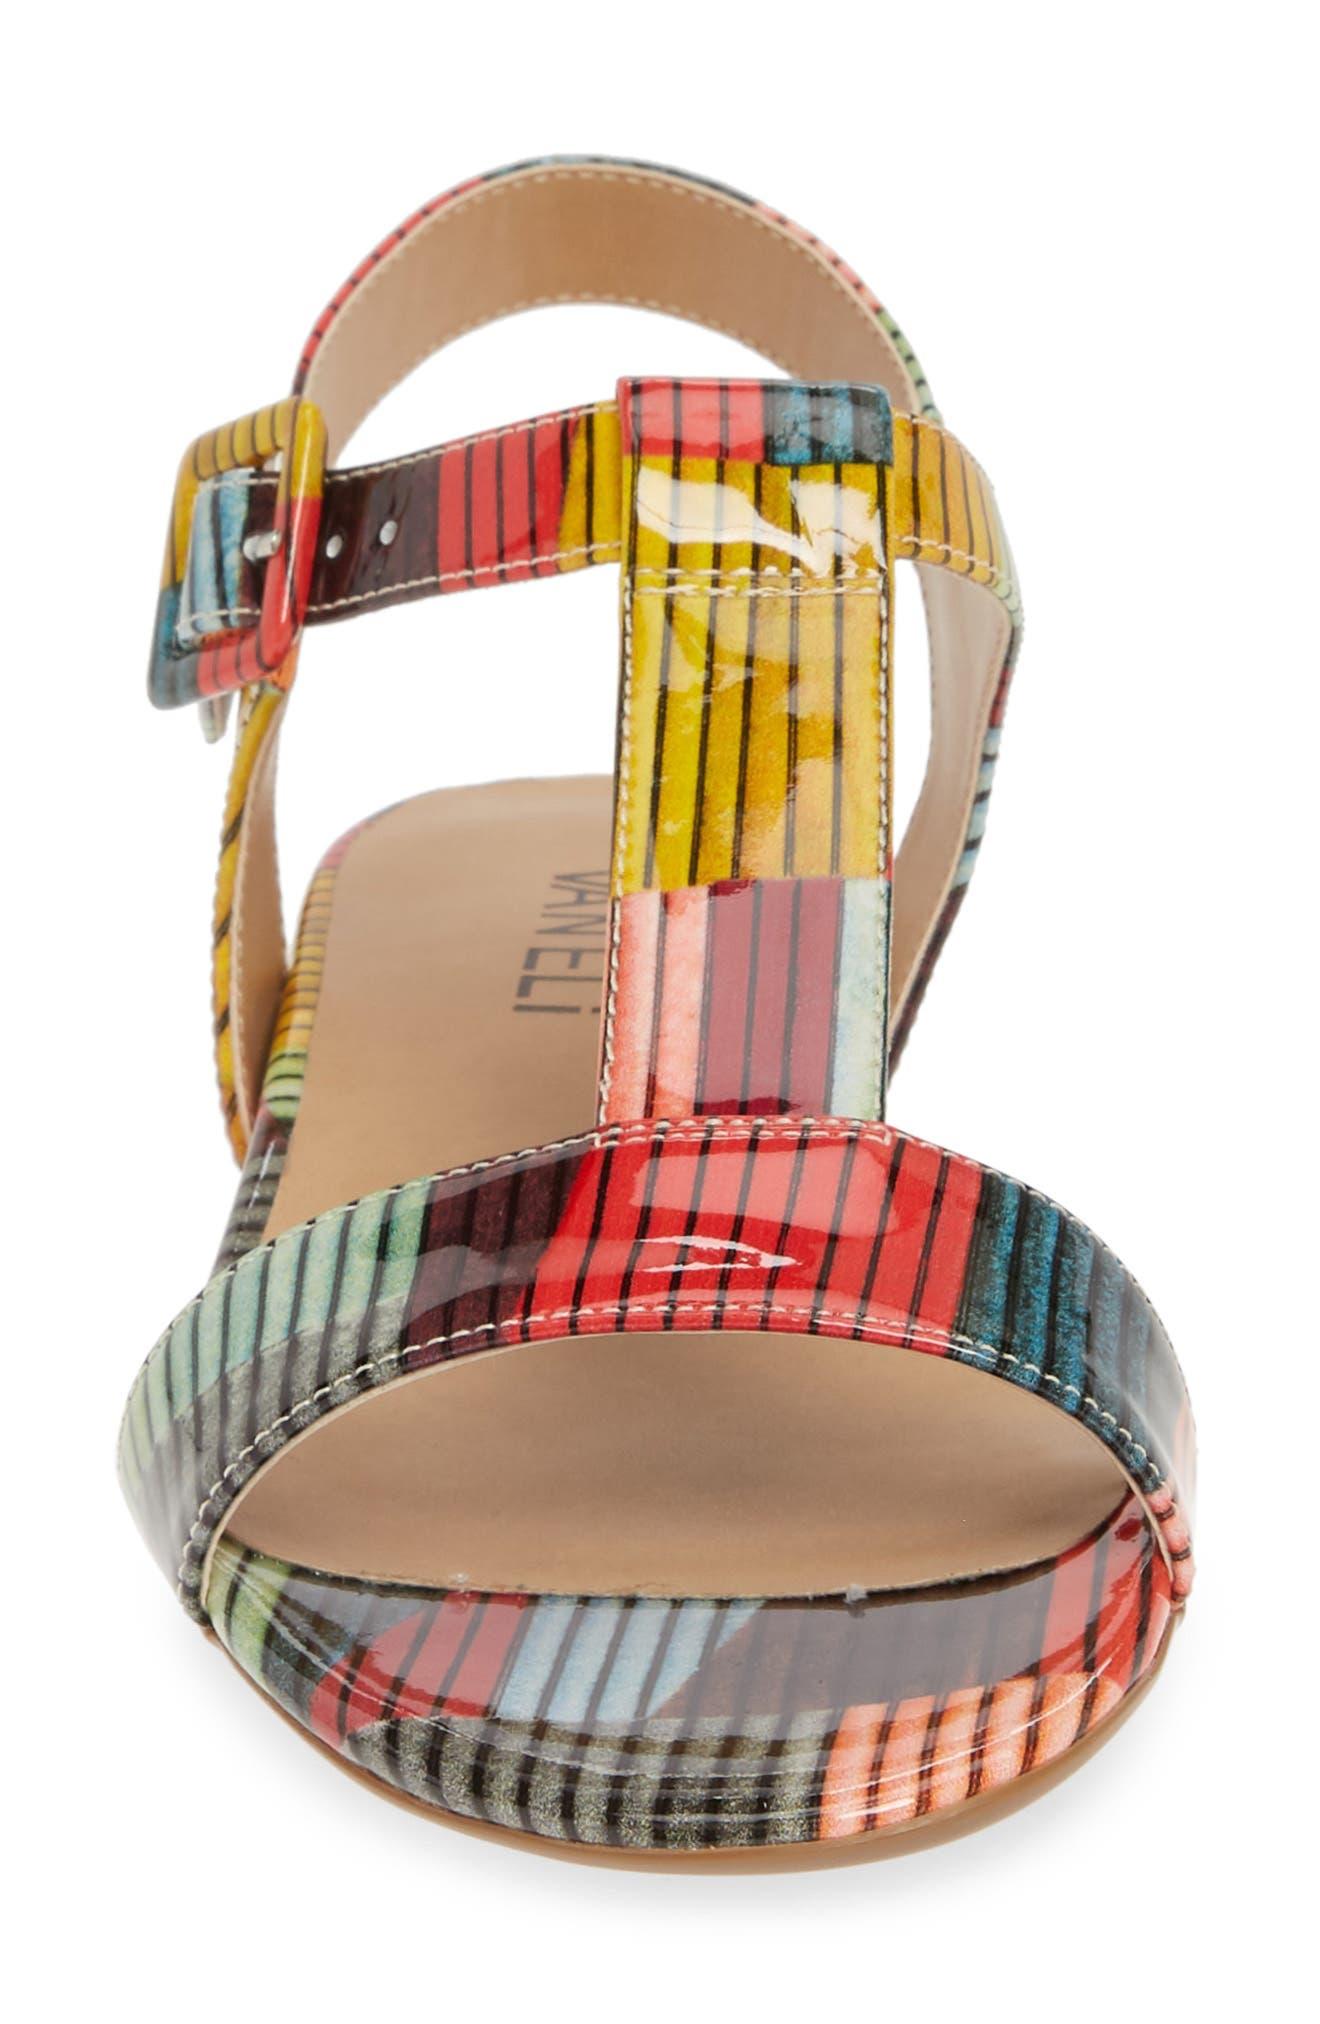 VANELI, Burlie T-Strap Sandal, Alternate thumbnail 4, color, MULTICOLOR PATENT LEATHER